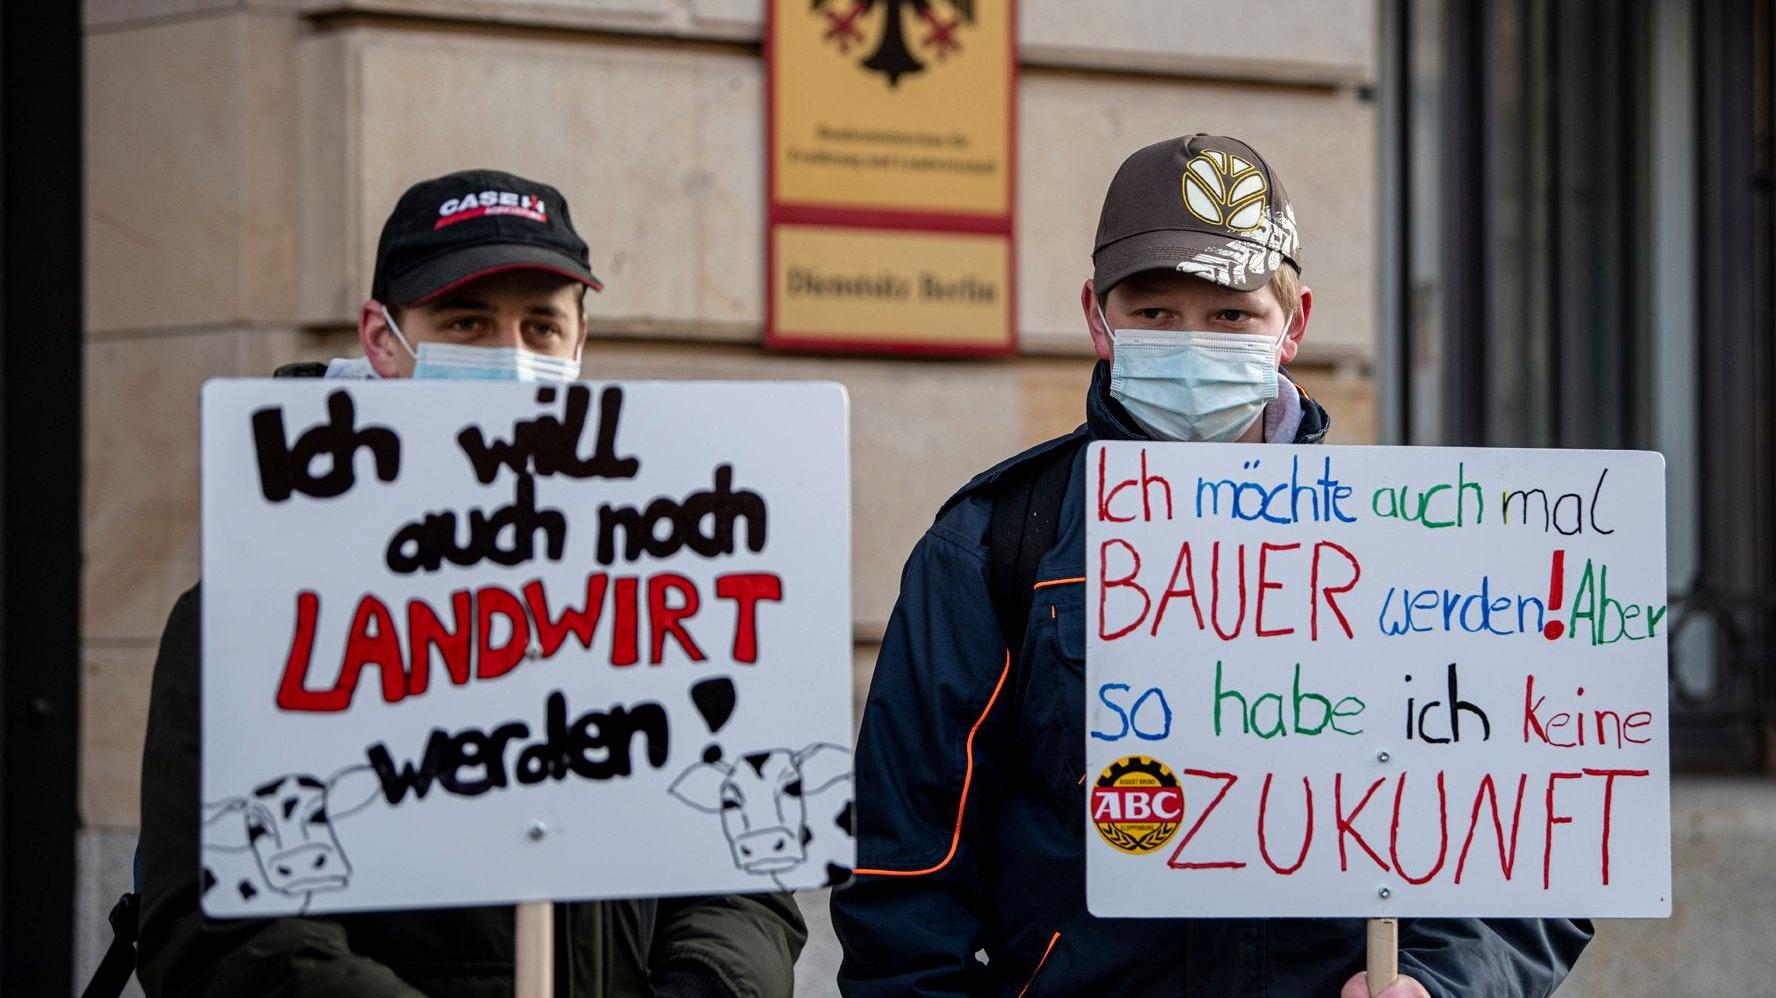 Bauernproteste: Demonstriert wurde auch in Berlin. Archivfoto: dpa